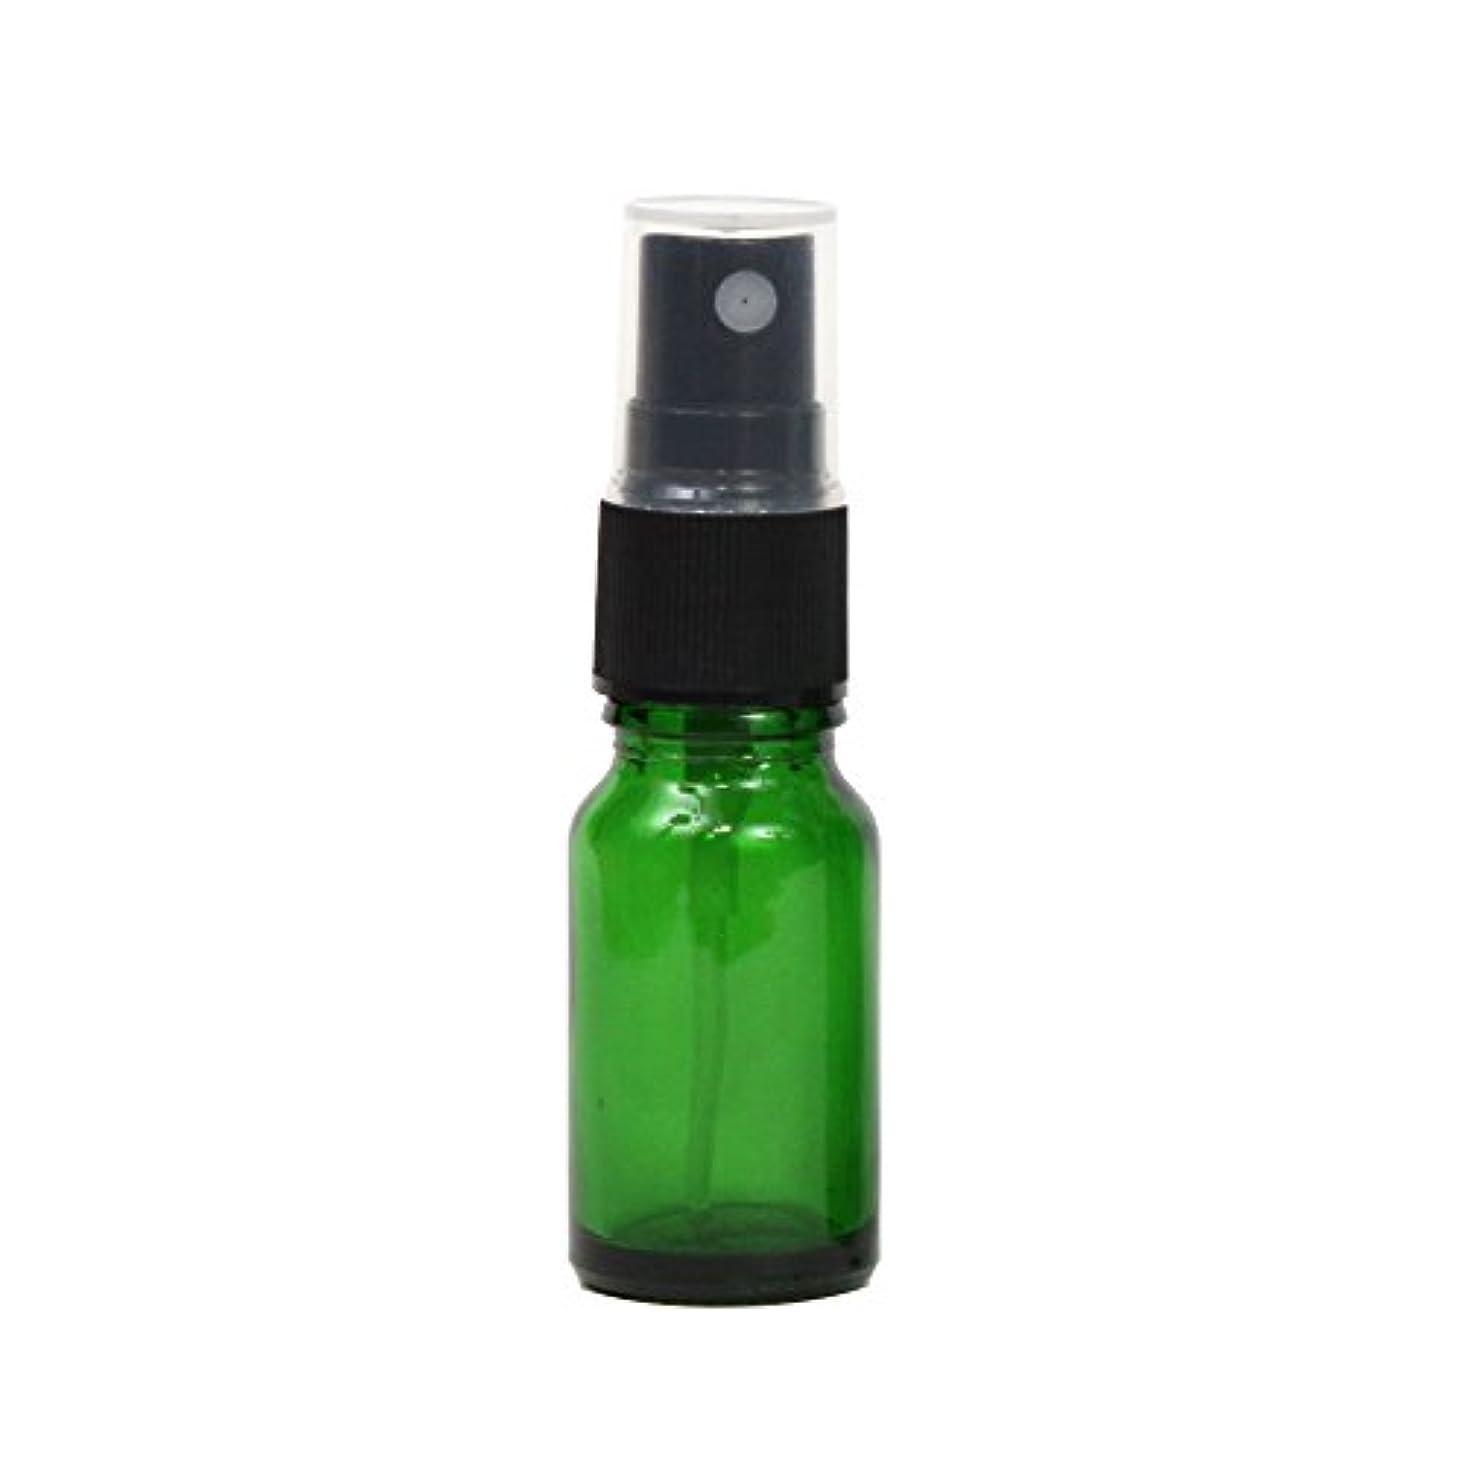 一次理論養うスプレーボトル ガラス瓶 10mL 遮光性グリーン ガラスアトマイザー 空容器